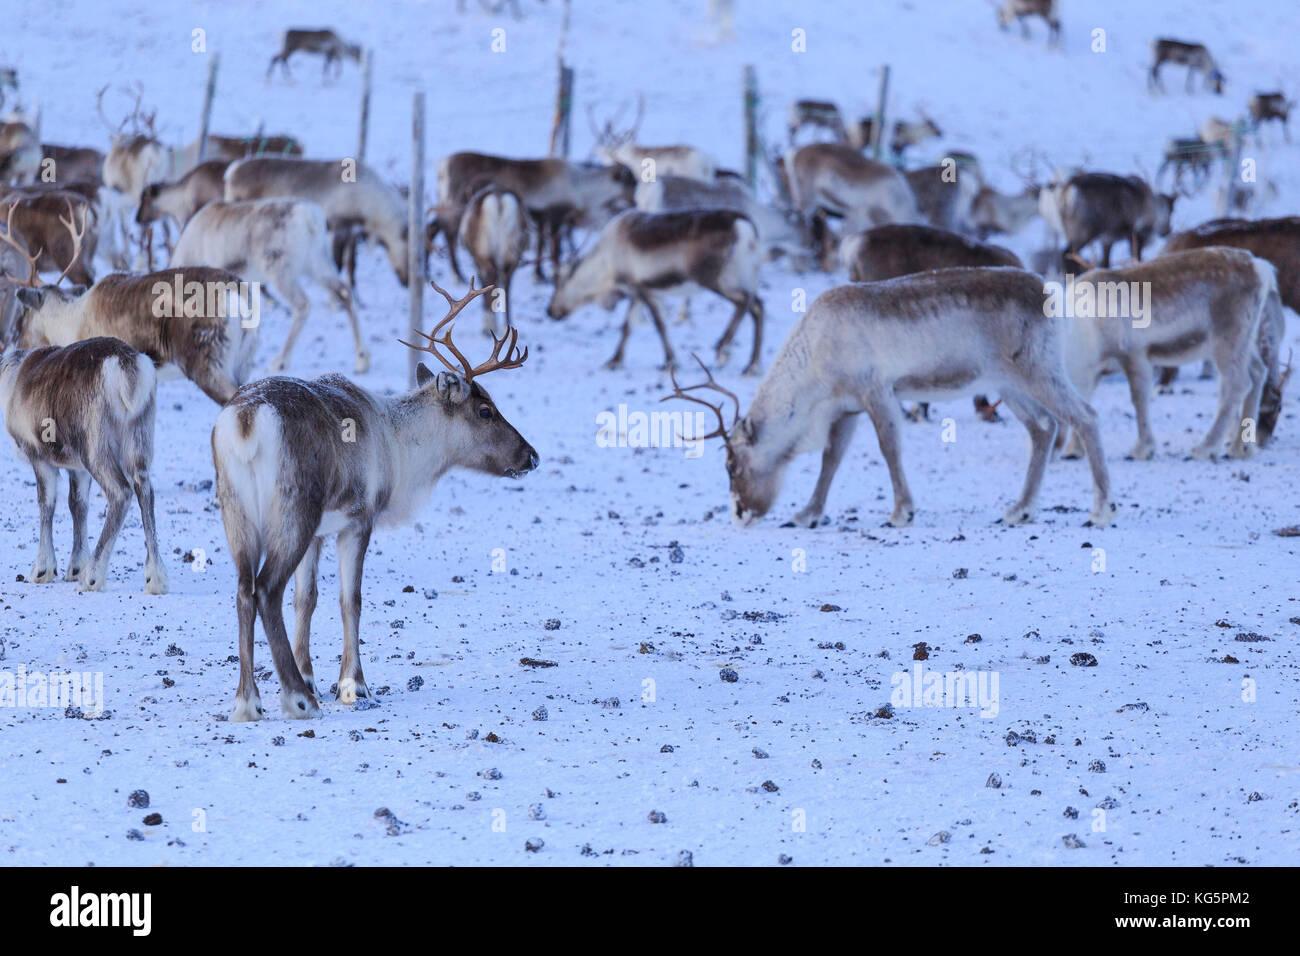 Reindeer grazing. Riskgransen, Norbottens Ian, Lapland, Sweden, Europe - Stock Image